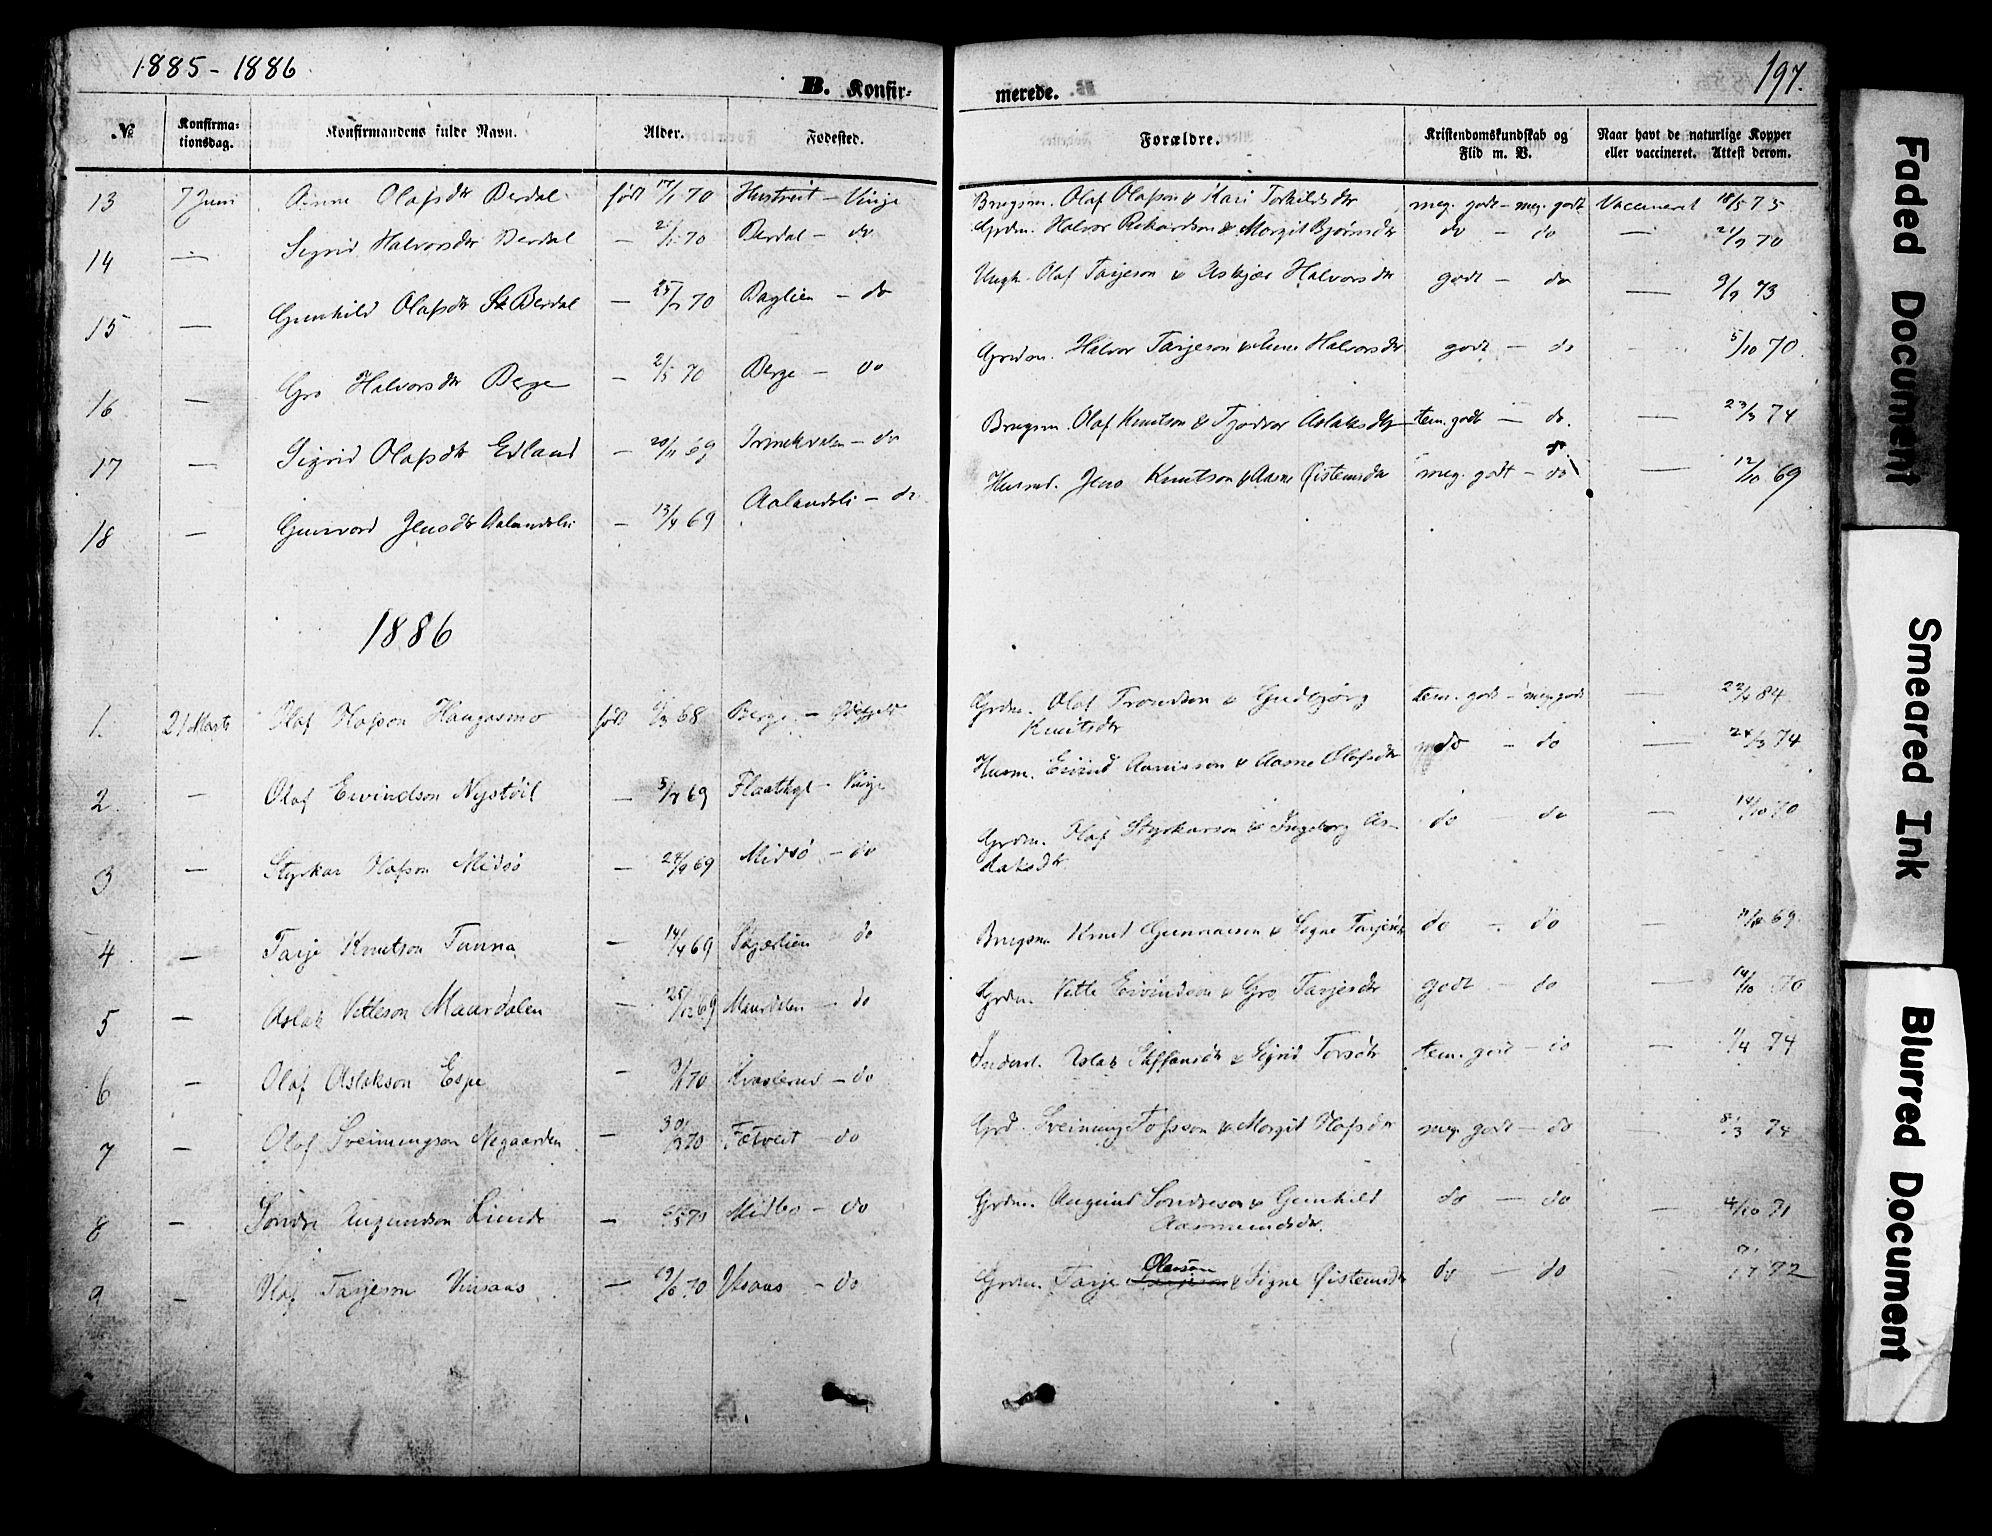 SAKO, Vinje kirkebøker, F/Fa/L0005: Ministerialbok nr. I 5, 1870-1886, s. 197